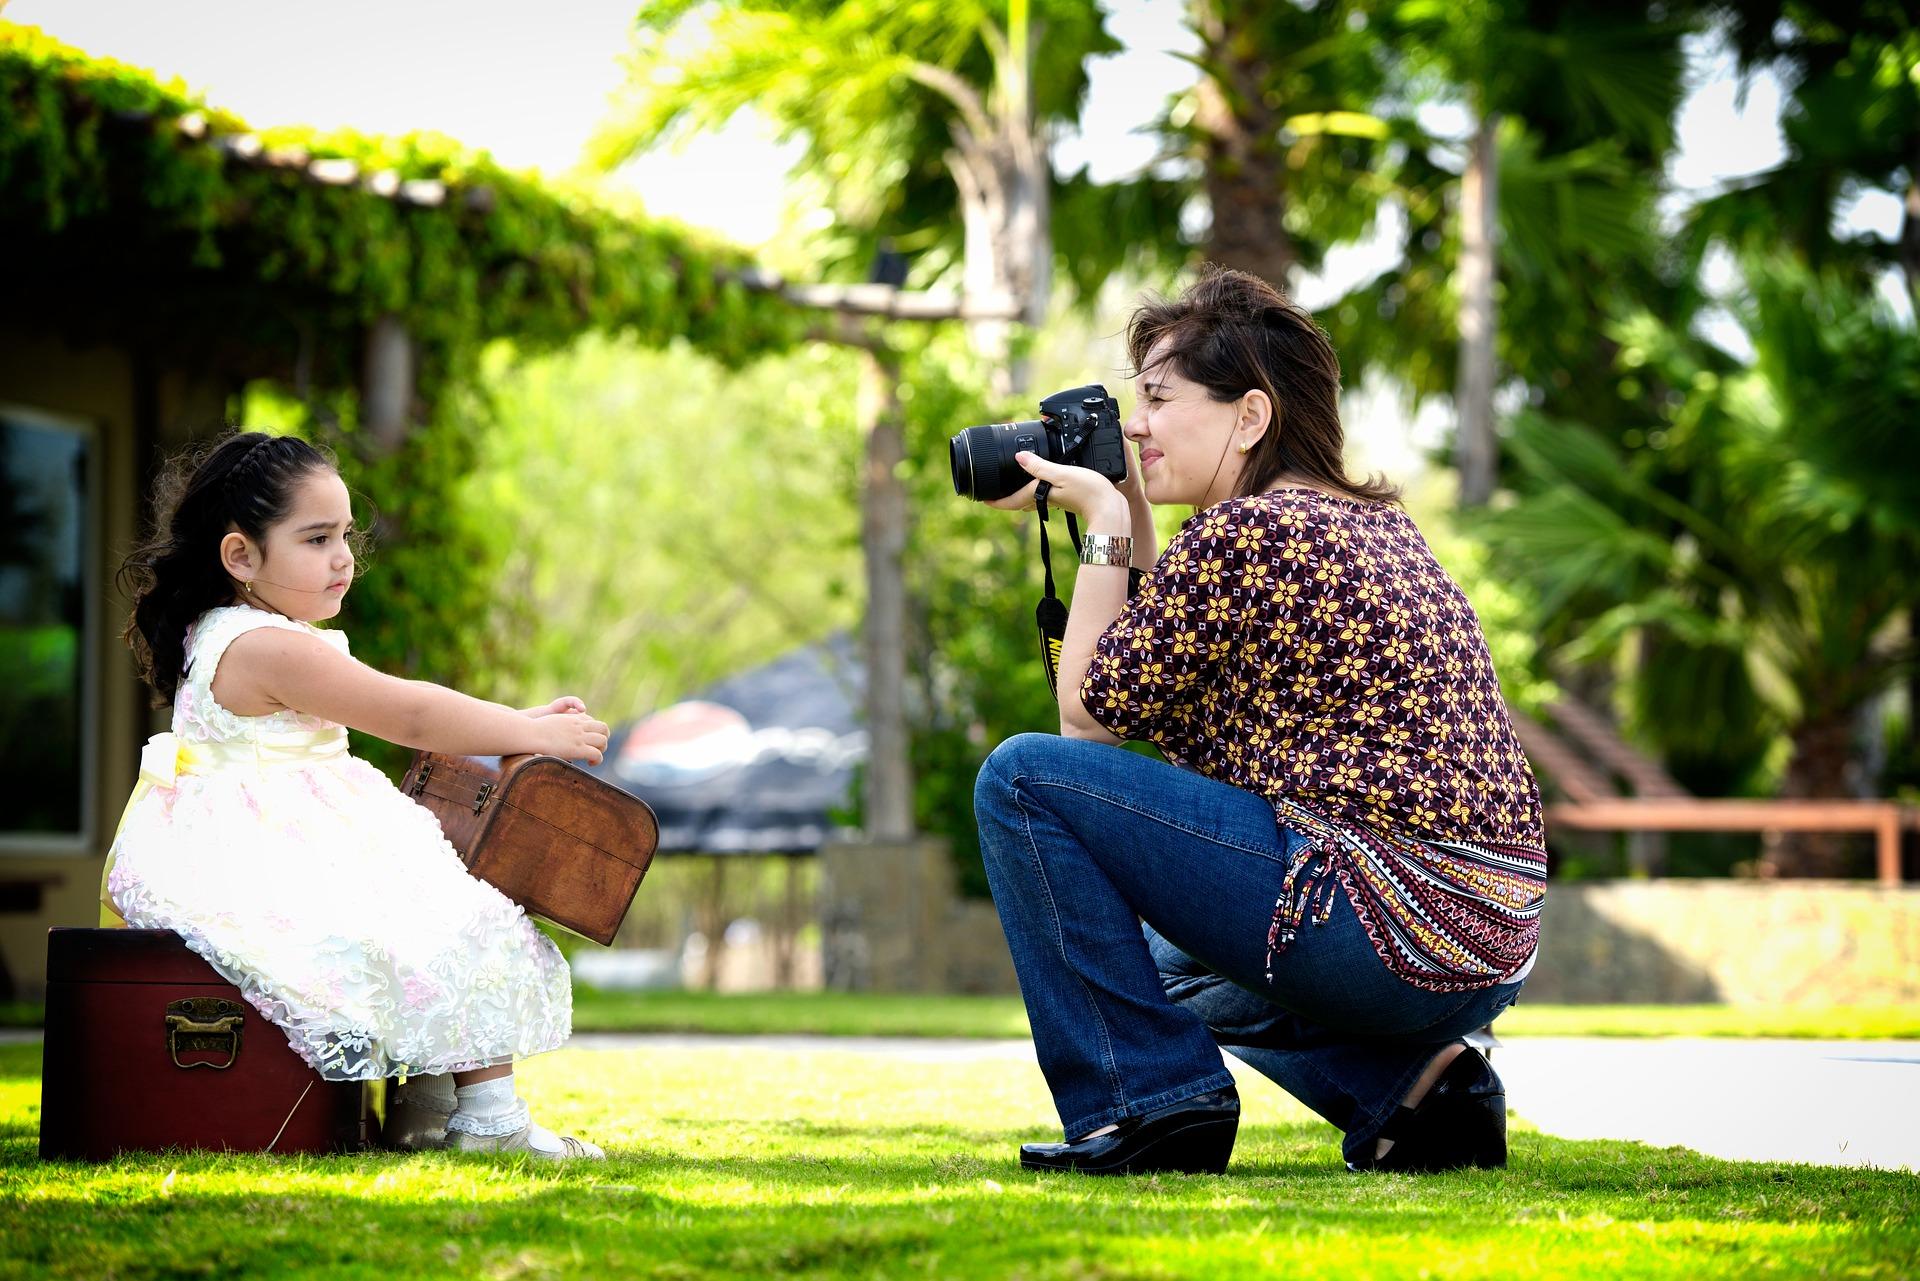 Jak zrobić dziecku doskonałe zdjęcie?